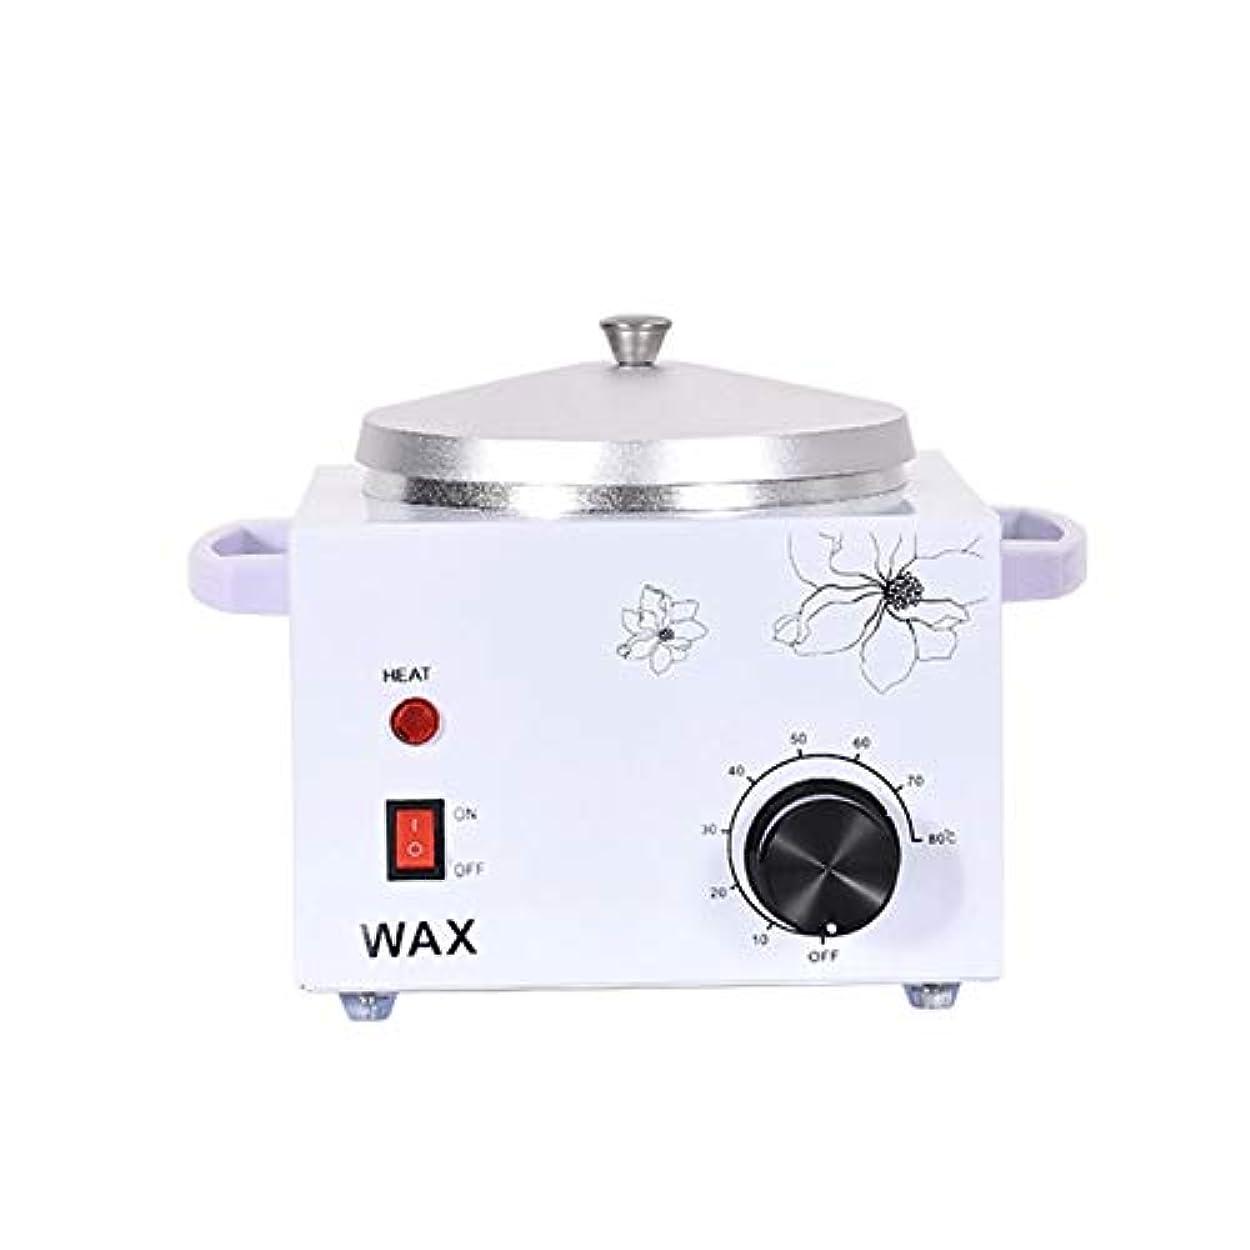 治世ヘビ起きるプロフェッショナル電気ワックスウォーマーヒーター美容室ワックスポット多機能シングル口の炉内温度制御脱毛脱毛ワックスビーンヒーター600ccの